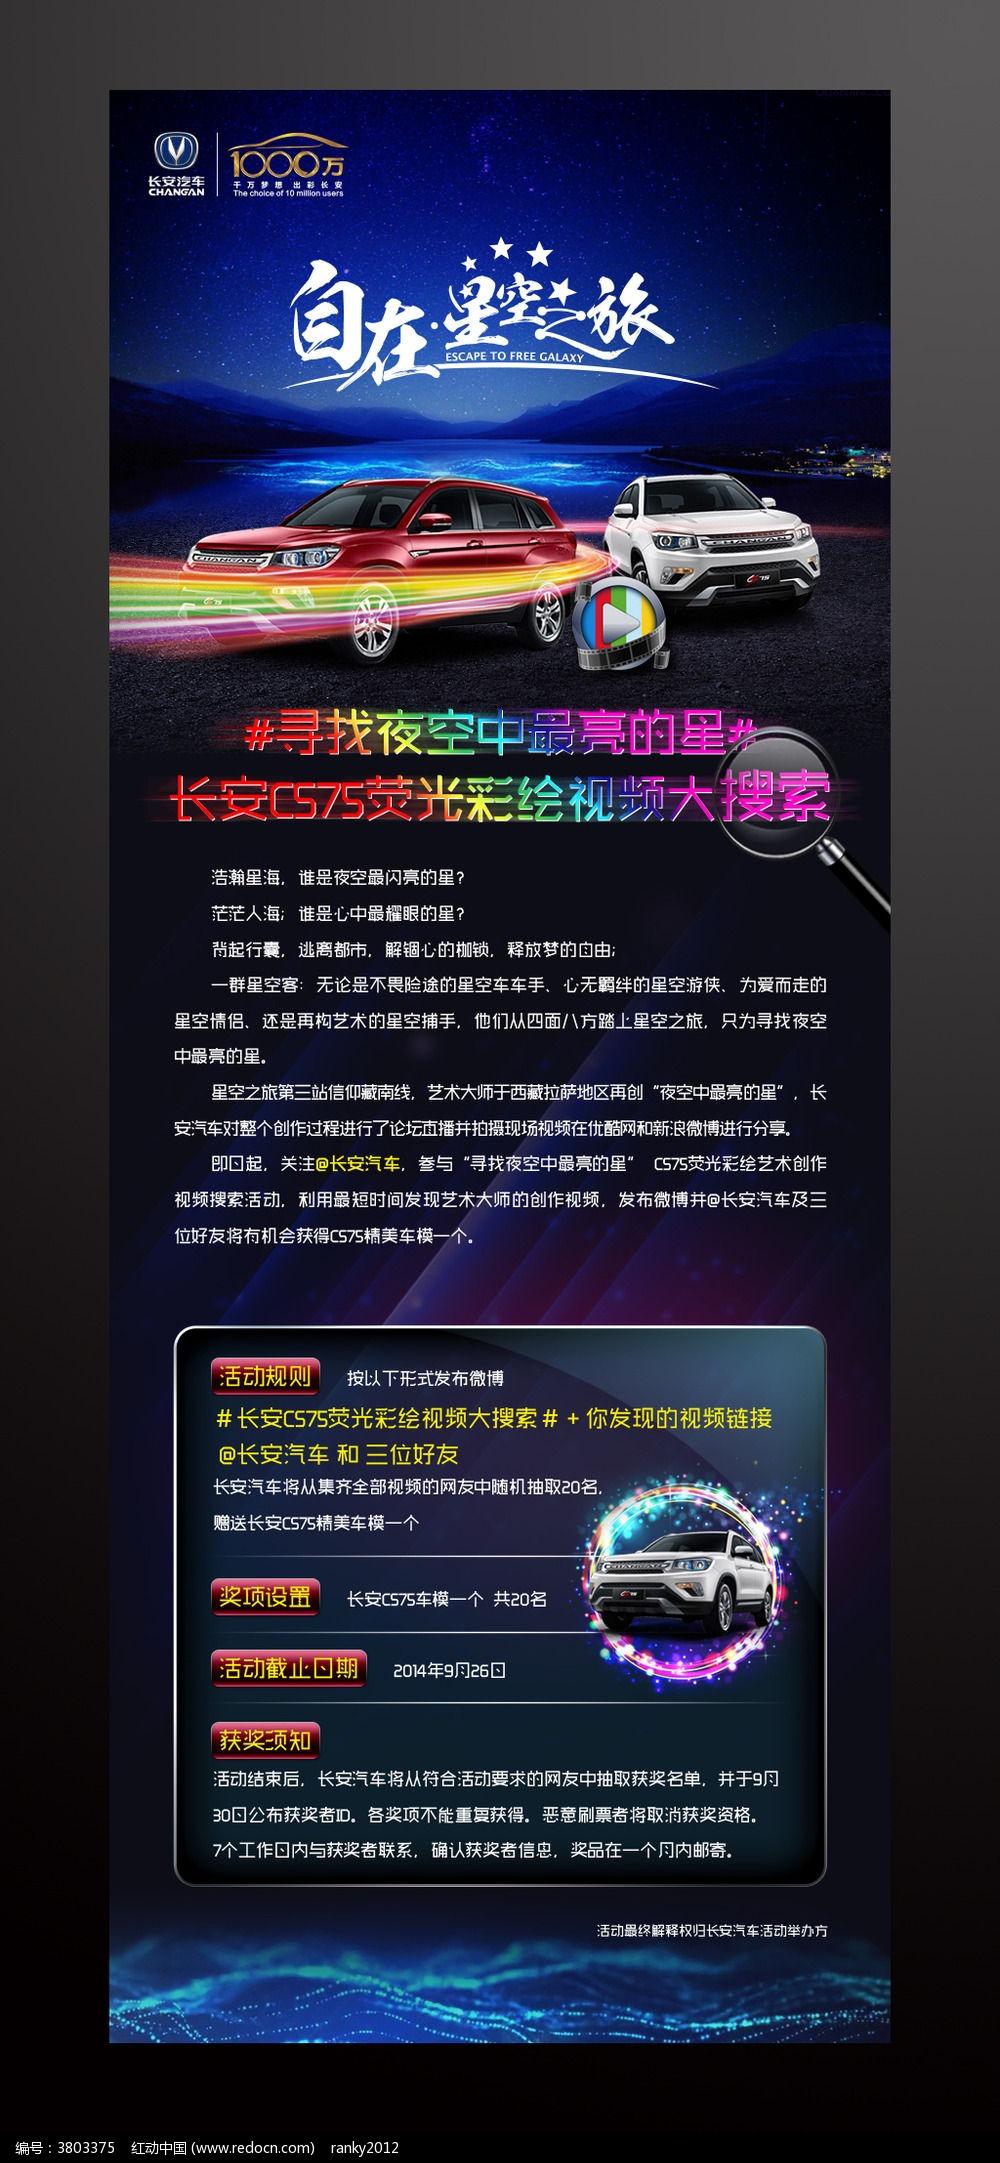 您当前访问作品主题是汽车营销活动宣传微薄配图,编号是3803375,文件